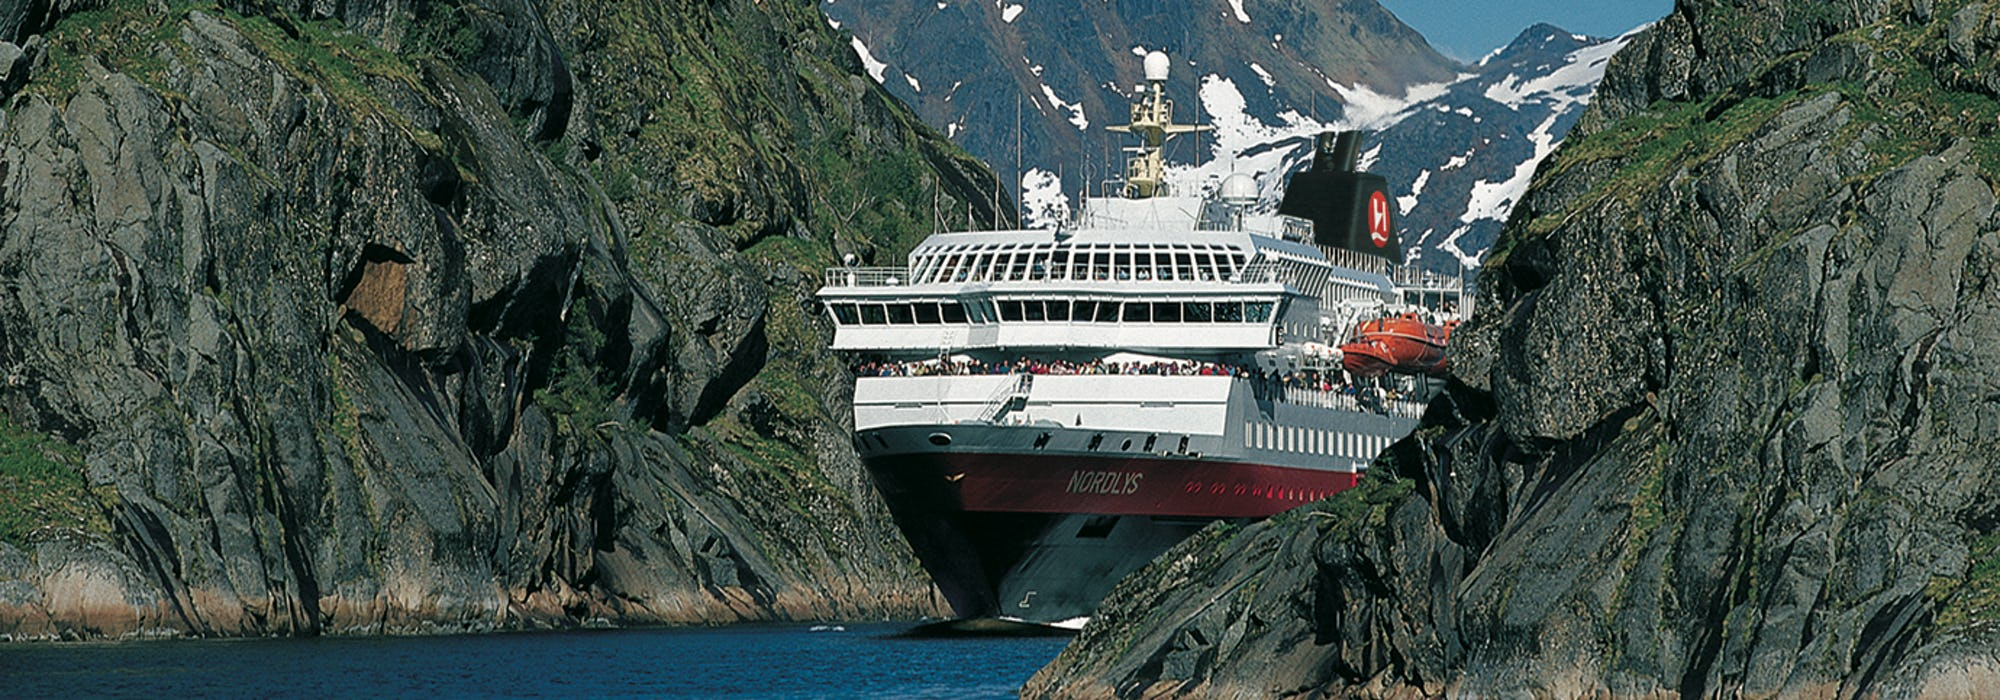 Fören på MS Nordlys sticker fram mellan bergen i de norska fjordarna.